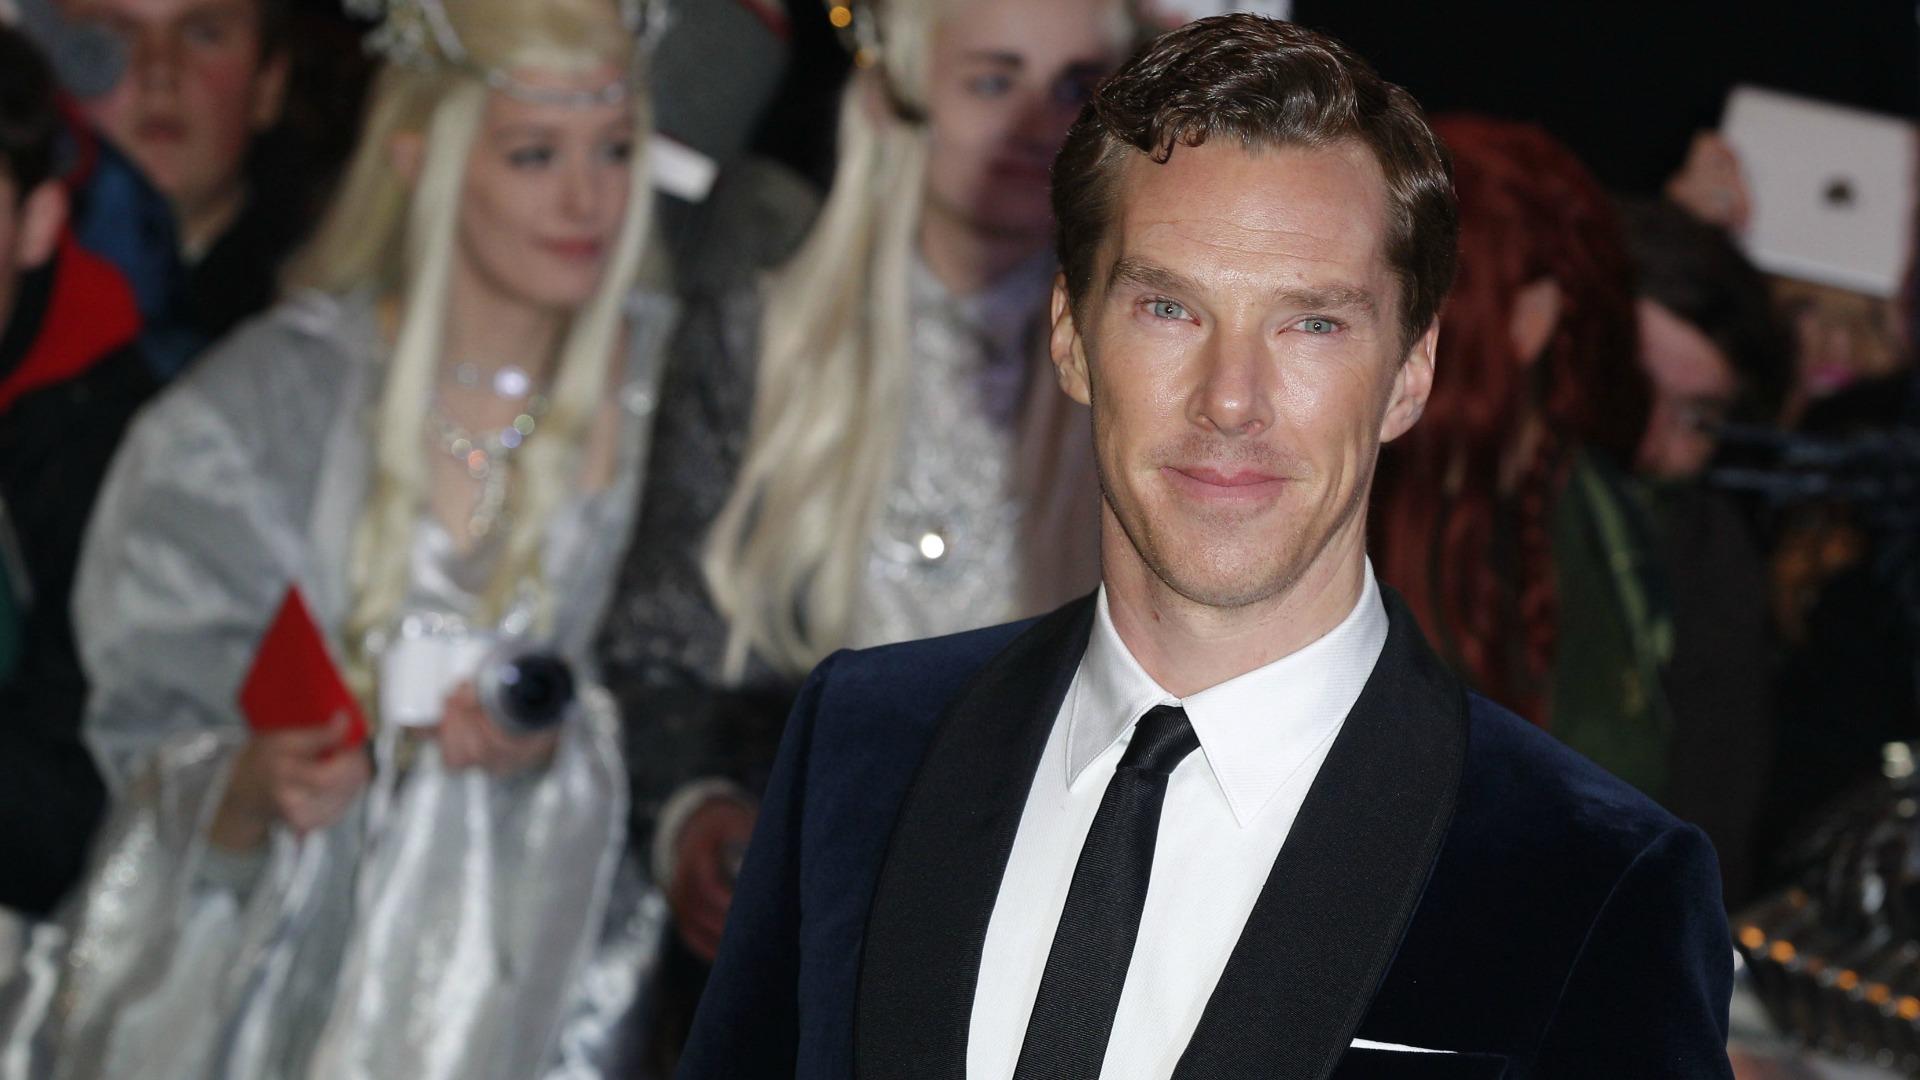 Benedict Cumberbatch at Hobbit premiere